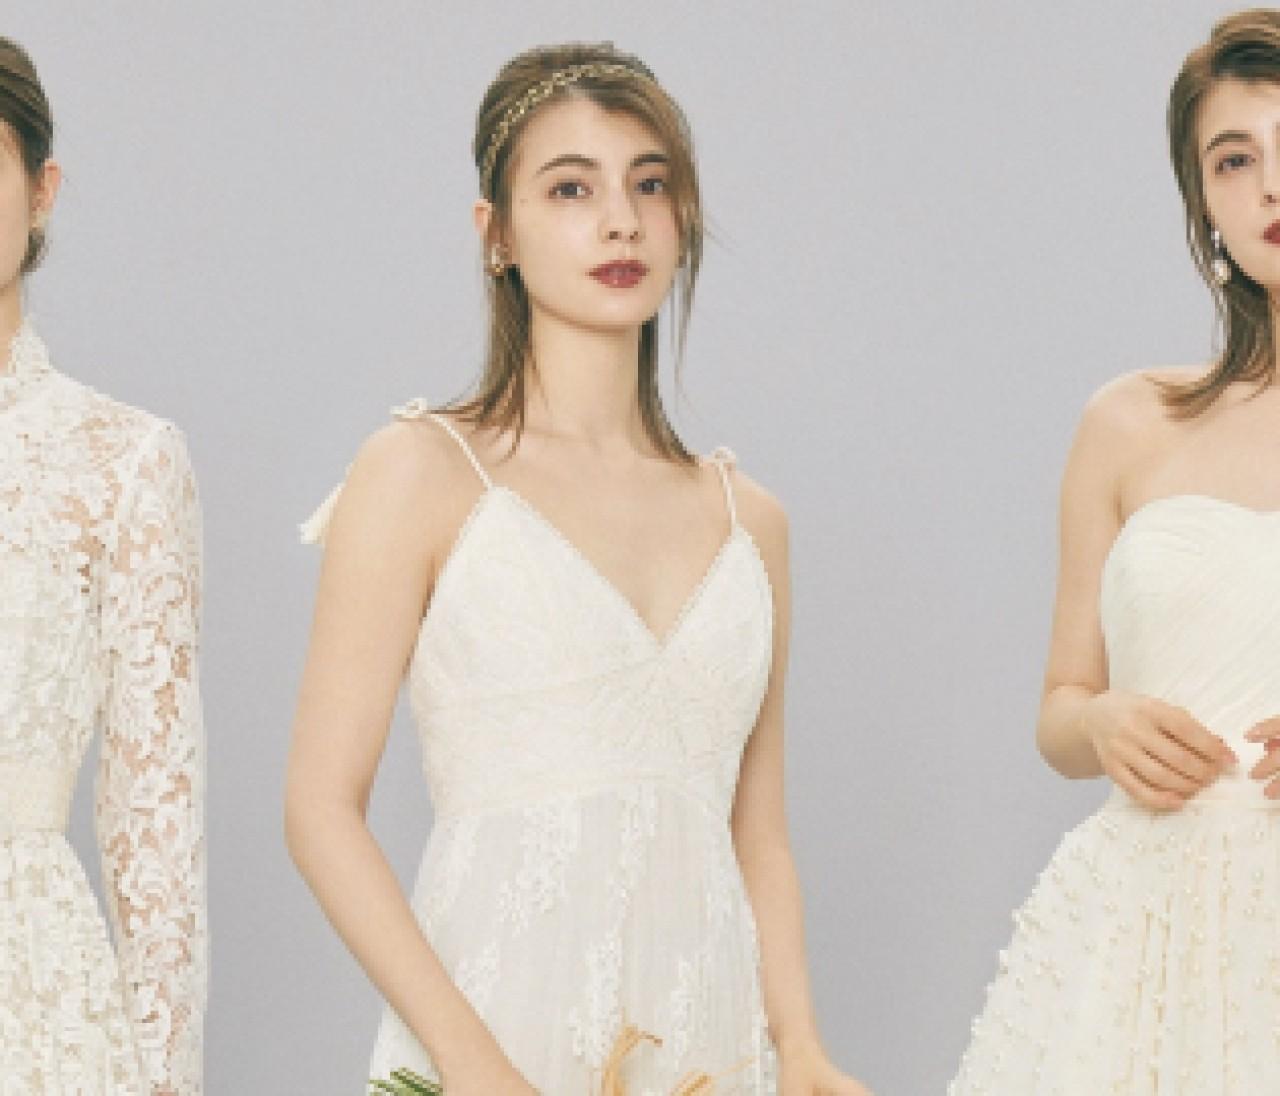 クラシカルなベージュのウェディングドレス【10年先も美しいニュアンスカラードレス③】